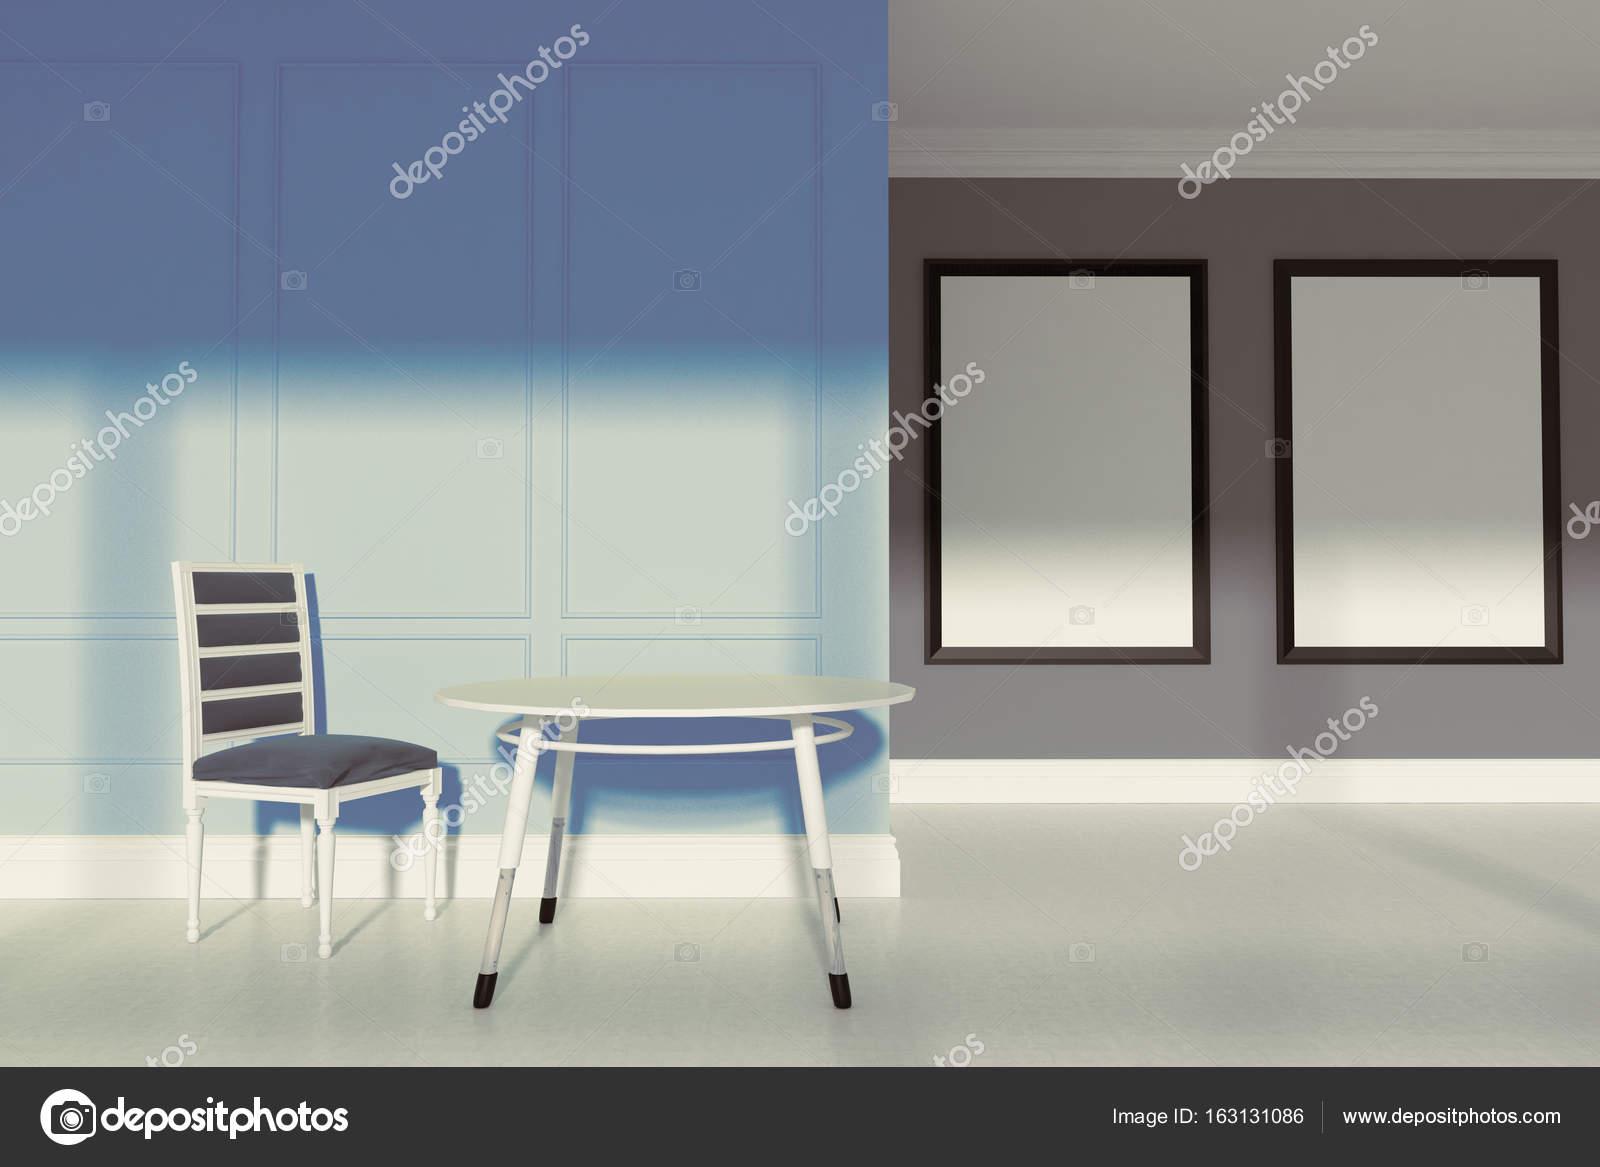 Esszimmer Mit Grauen Und Blauen Wänden, Einem Betonboden, Ein Grauer Stuhl  Und Ein Kleiner Runder Tisch. Zwei Vertikale Gerahmte Poster.